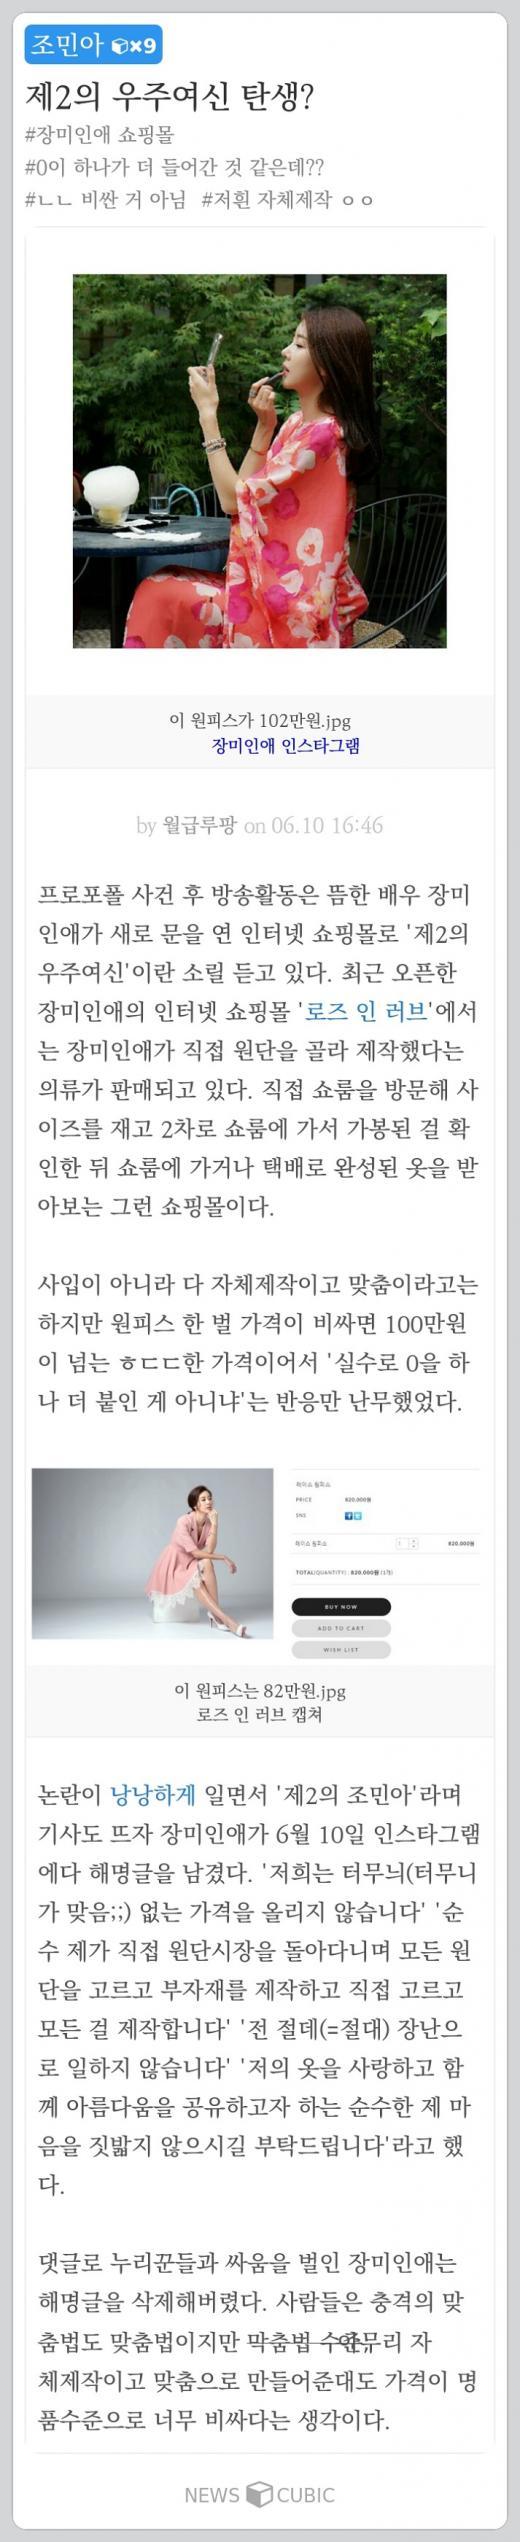 [오늘의 뉴스큐빅] 하태경의 박원순 저격 트윗, 장미인애 쇼핑몰 가격 논란